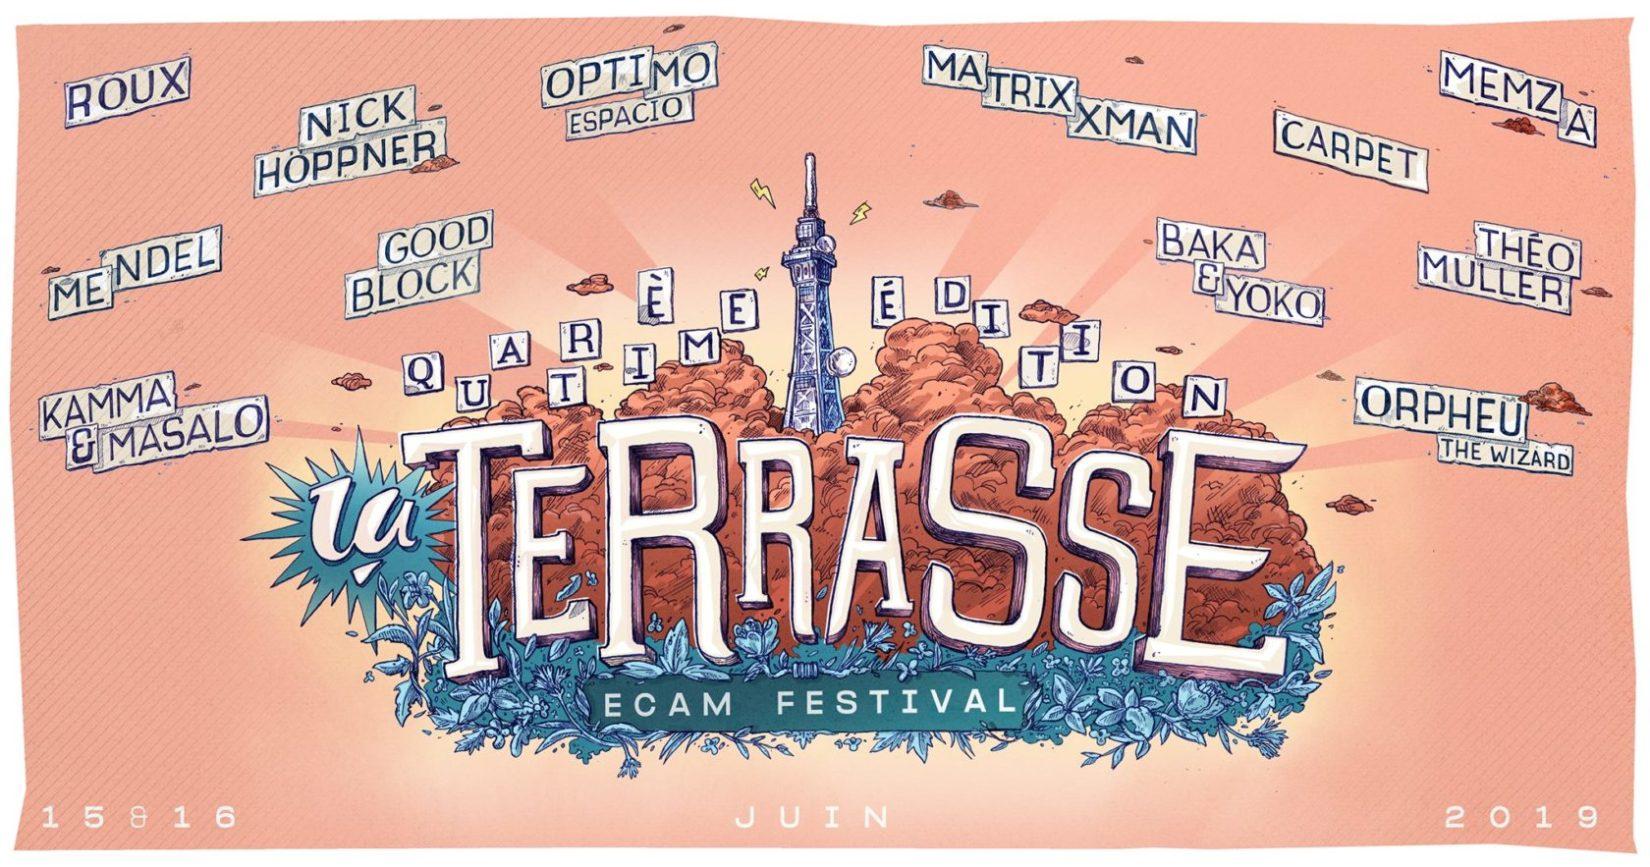 La Terrasse - ECAM Festival # 4